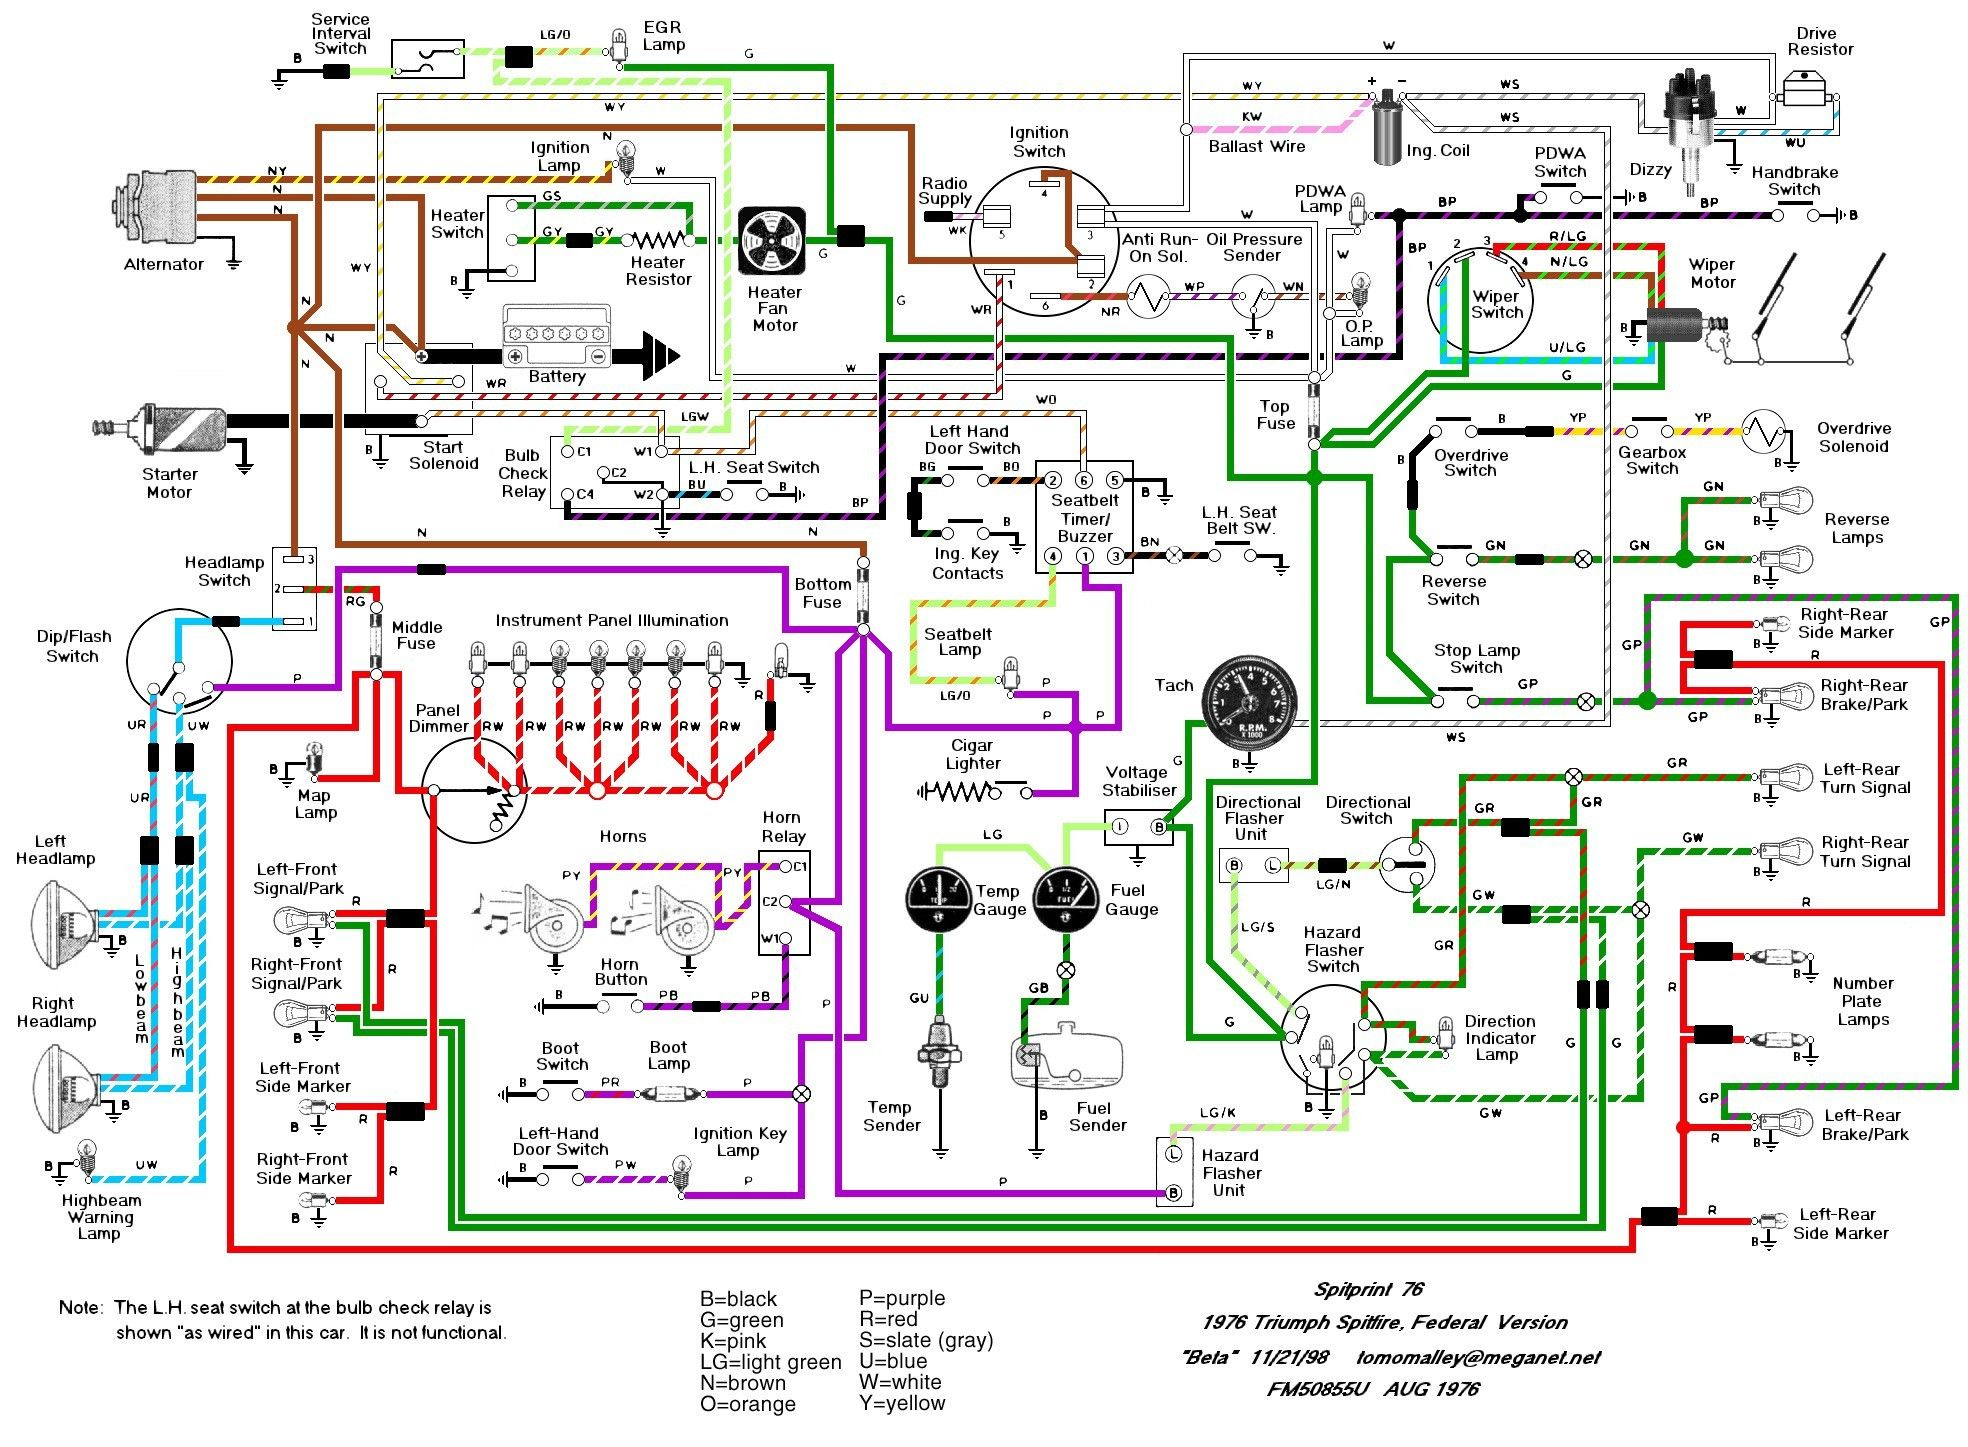 New Vw Golf 4 Central Locking Wiring Diagram | Electrical circuit diagram, Electrical  diagram, Electrical wiringPinterest